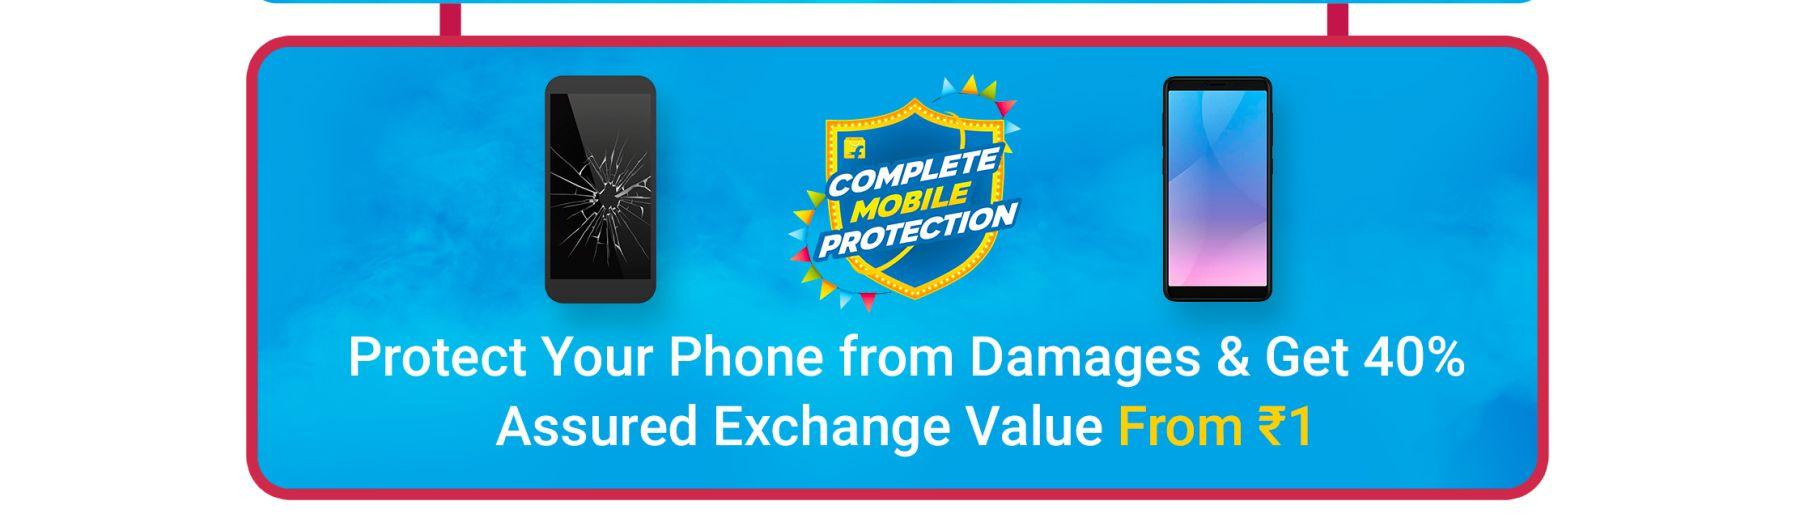 Flipkart Mobile Protection during Big Billion DAYS